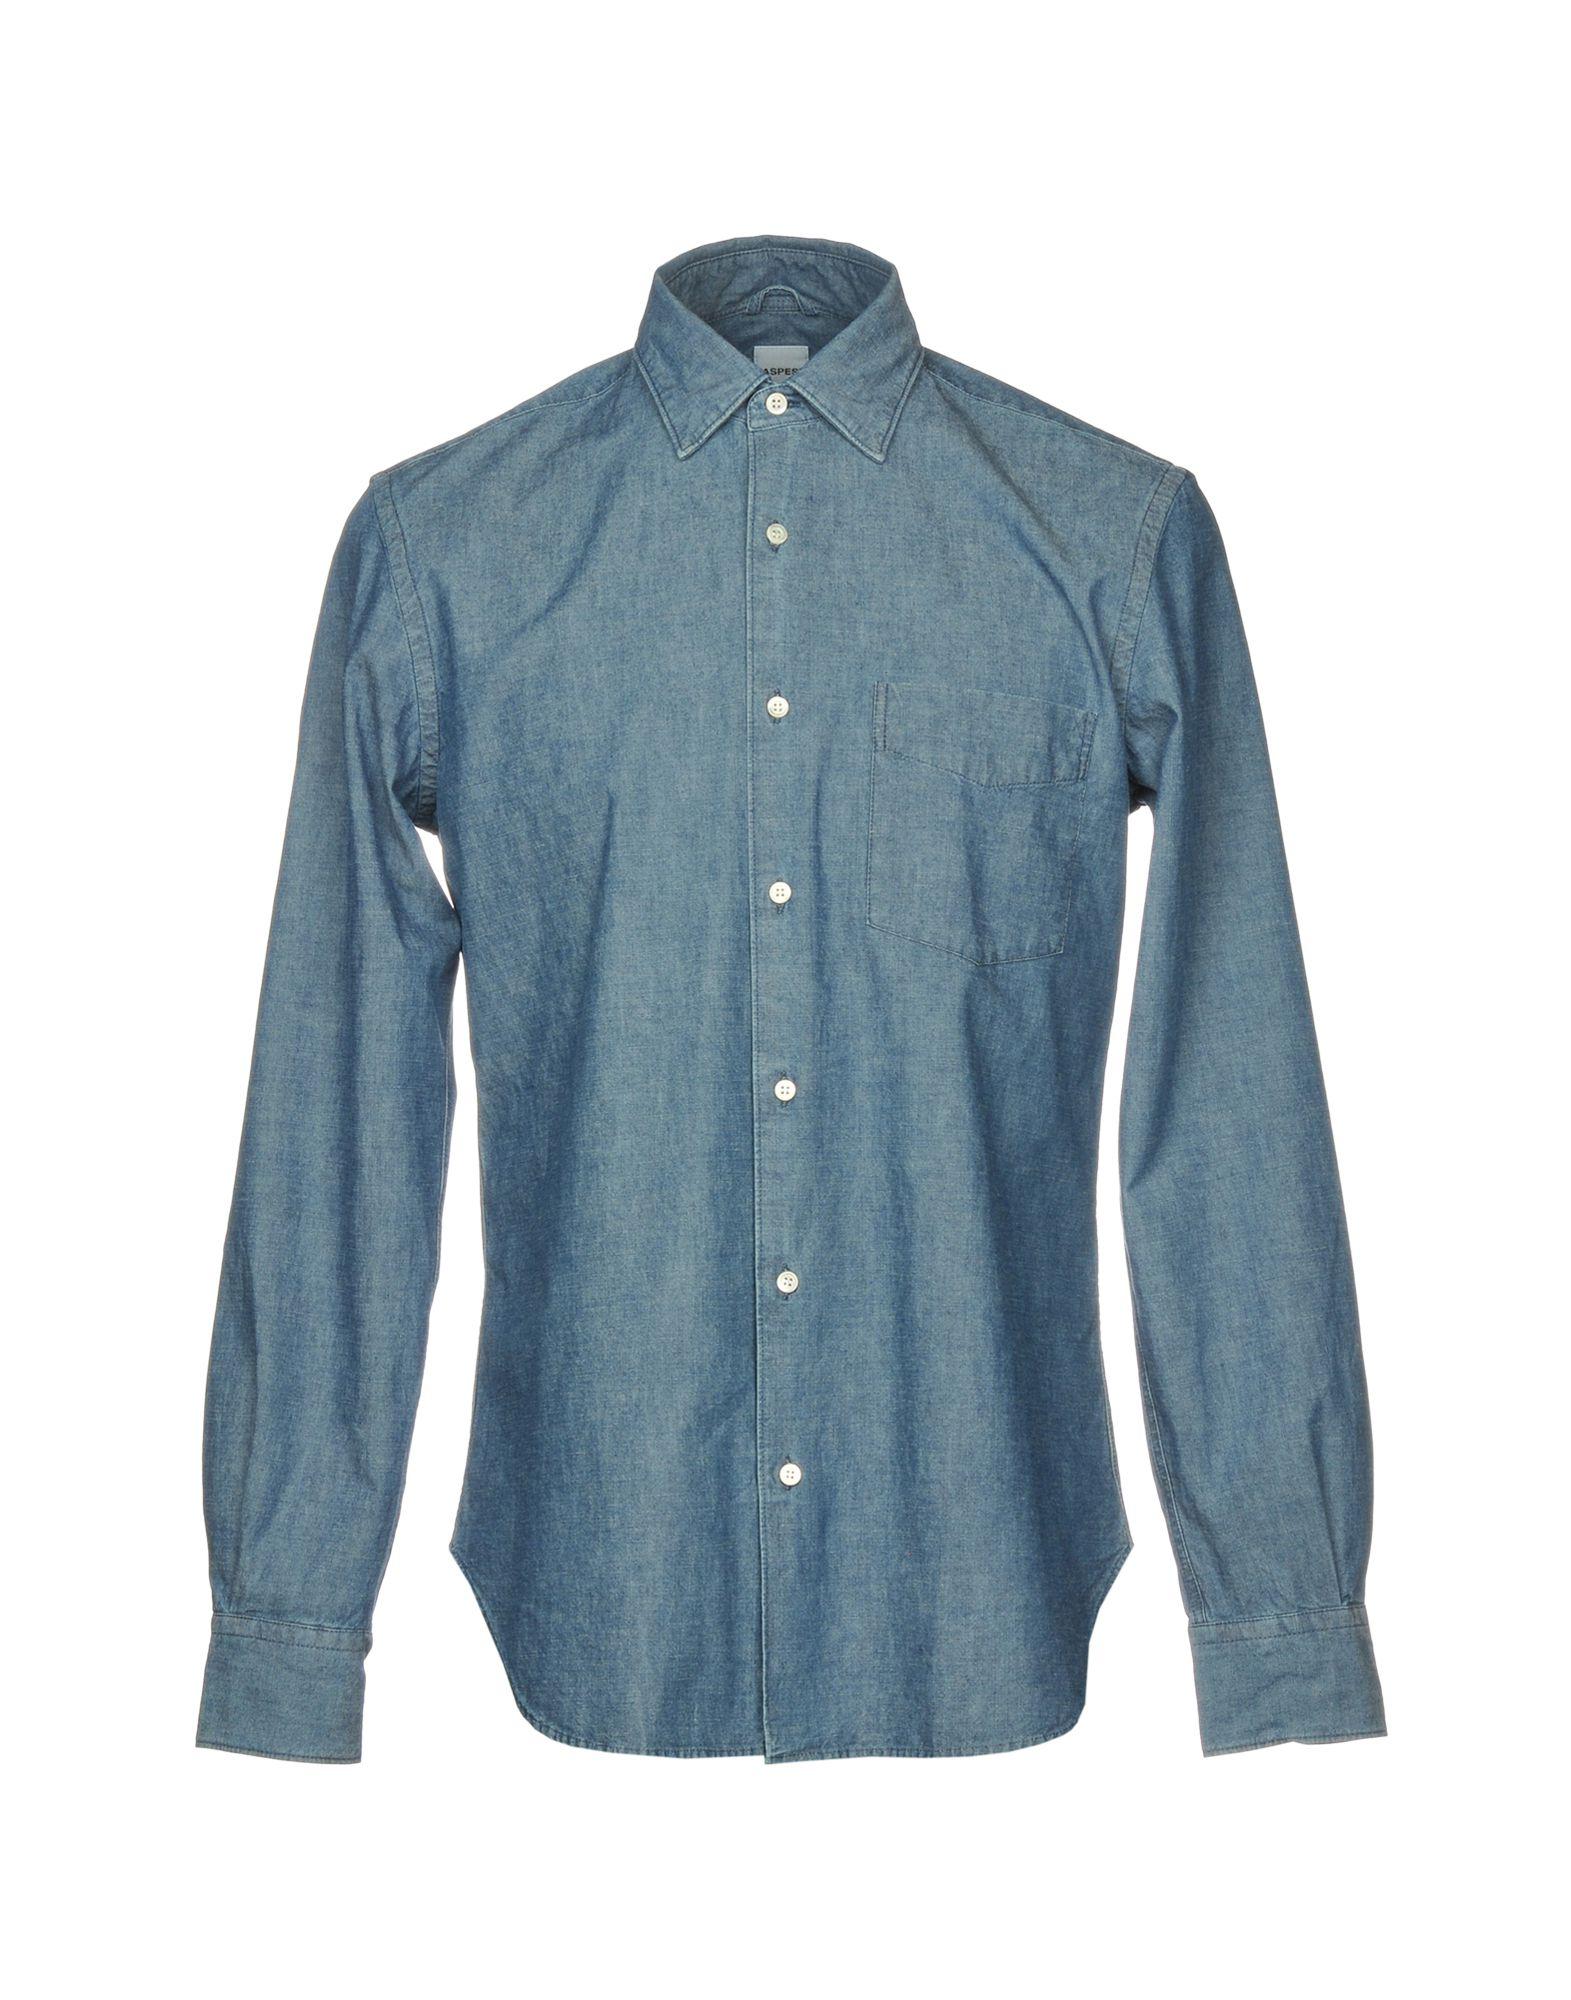 《送料無料》ASPESI メンズ デニムシャツ ブルー 40 コットン 100%